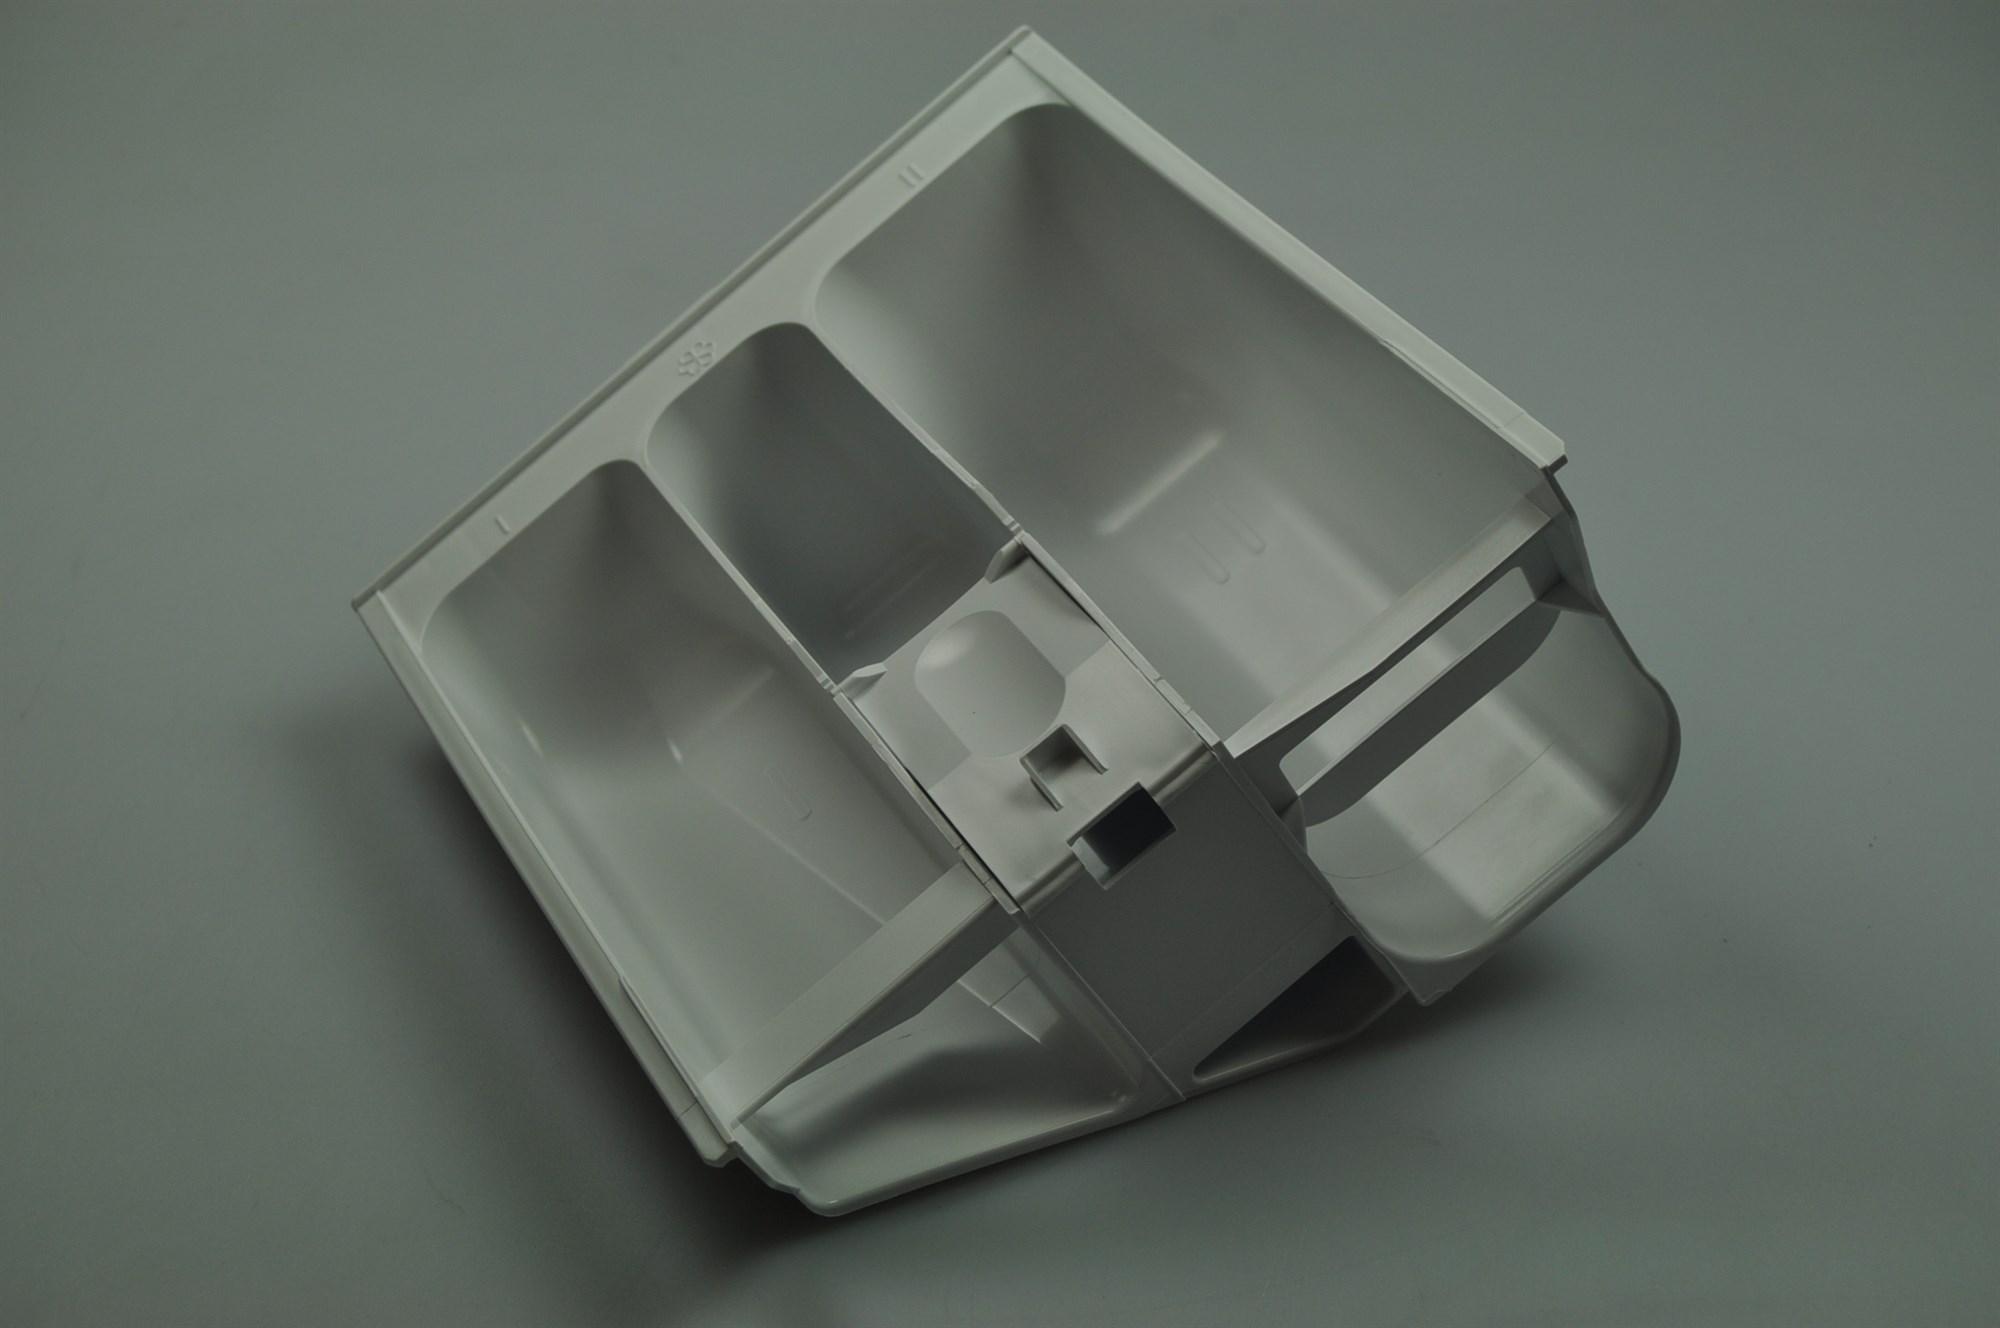 einsp lkasten siemens waschmaschine ohne griff. Black Bedroom Furniture Sets. Home Design Ideas